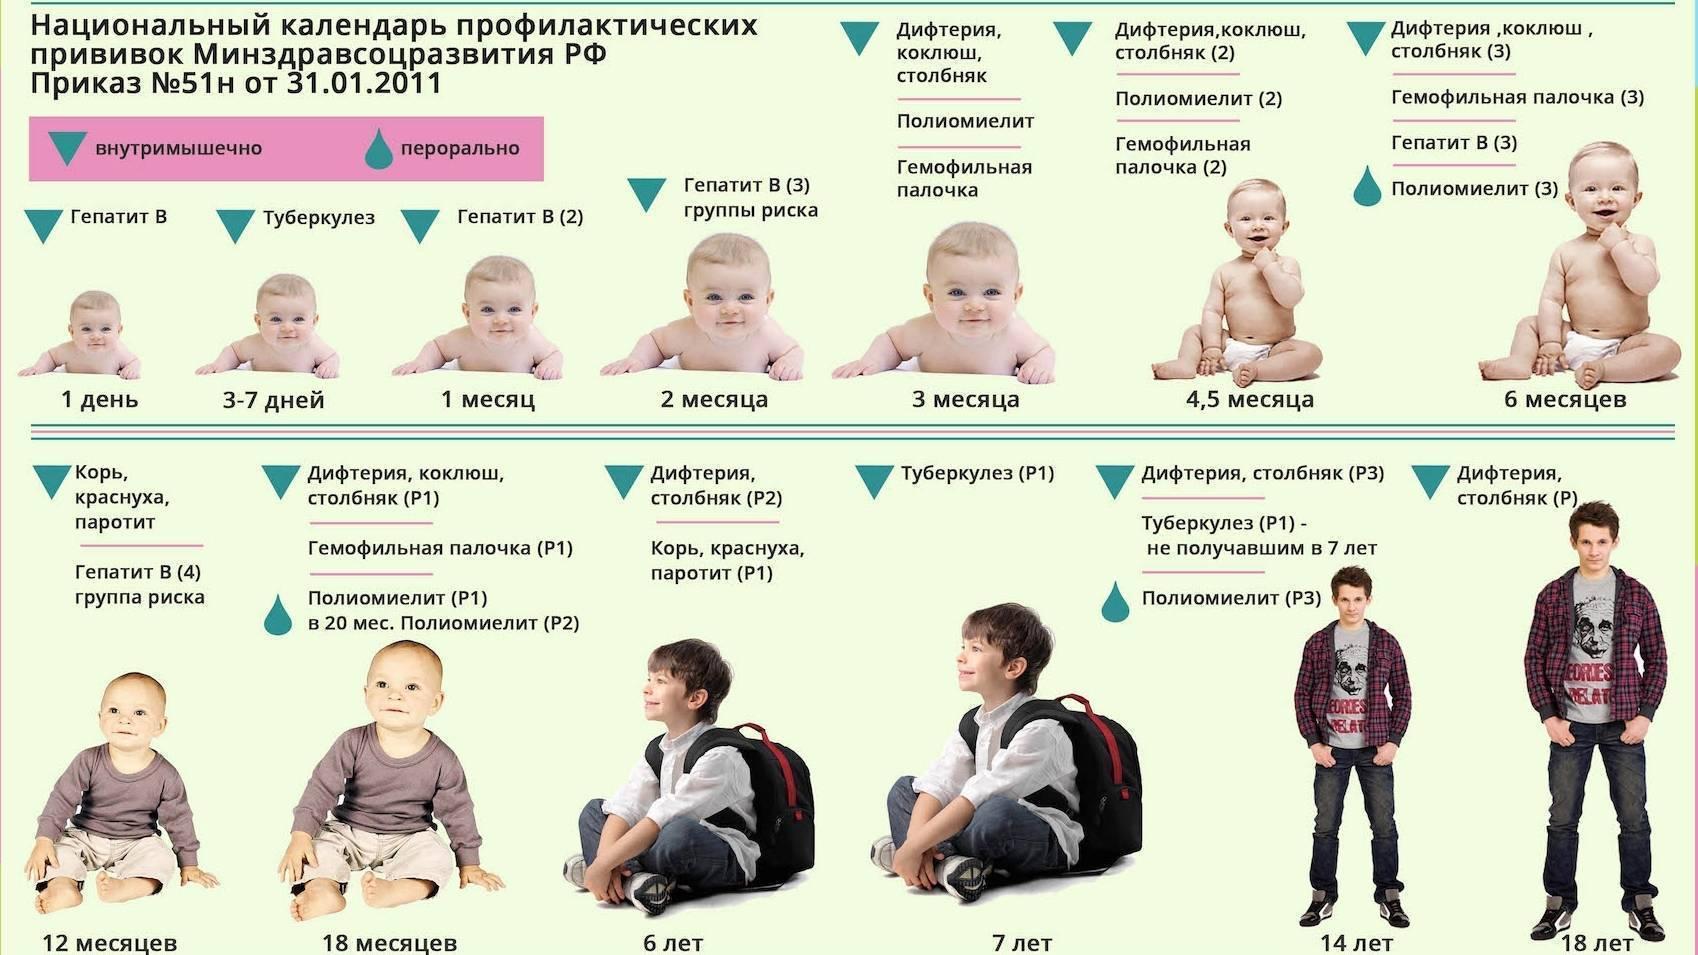 Прививка акдс, полиомиелит и гепатит вместе